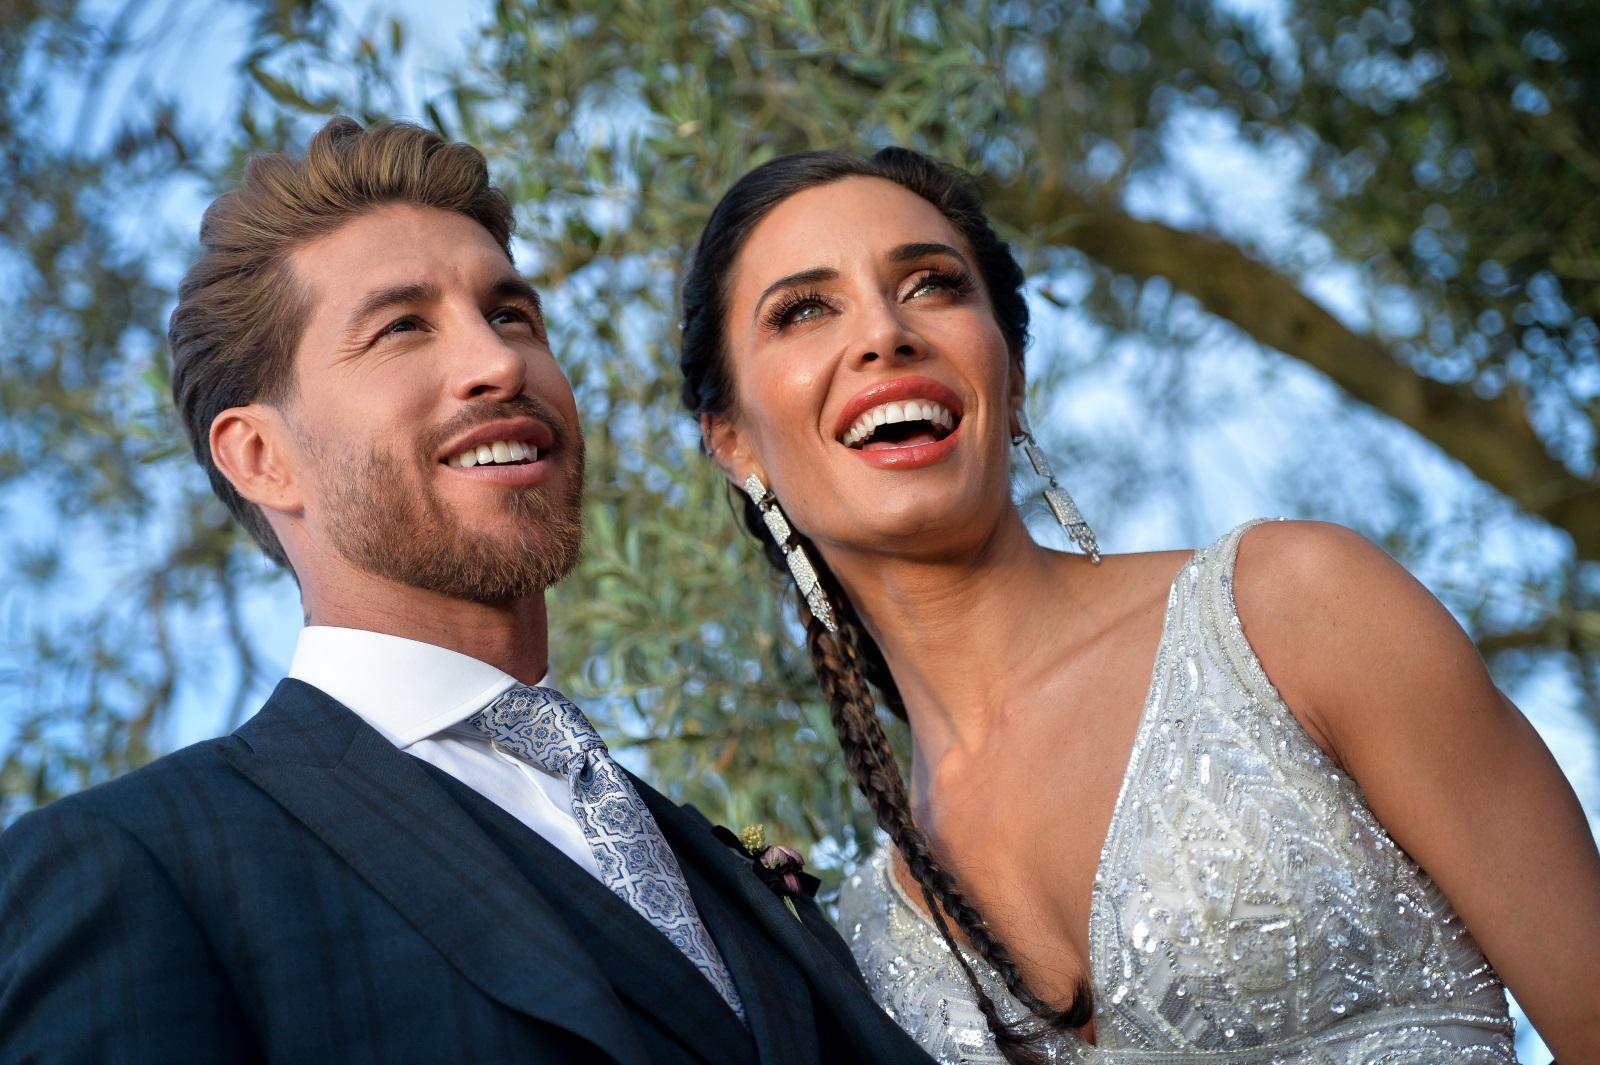 Серхио Рамос и Пилар Рубио вдигнаха пищна сватба с над 500 гости в Испания. Булката изглеждаше изключително нестандартно с черен букет в ръка.